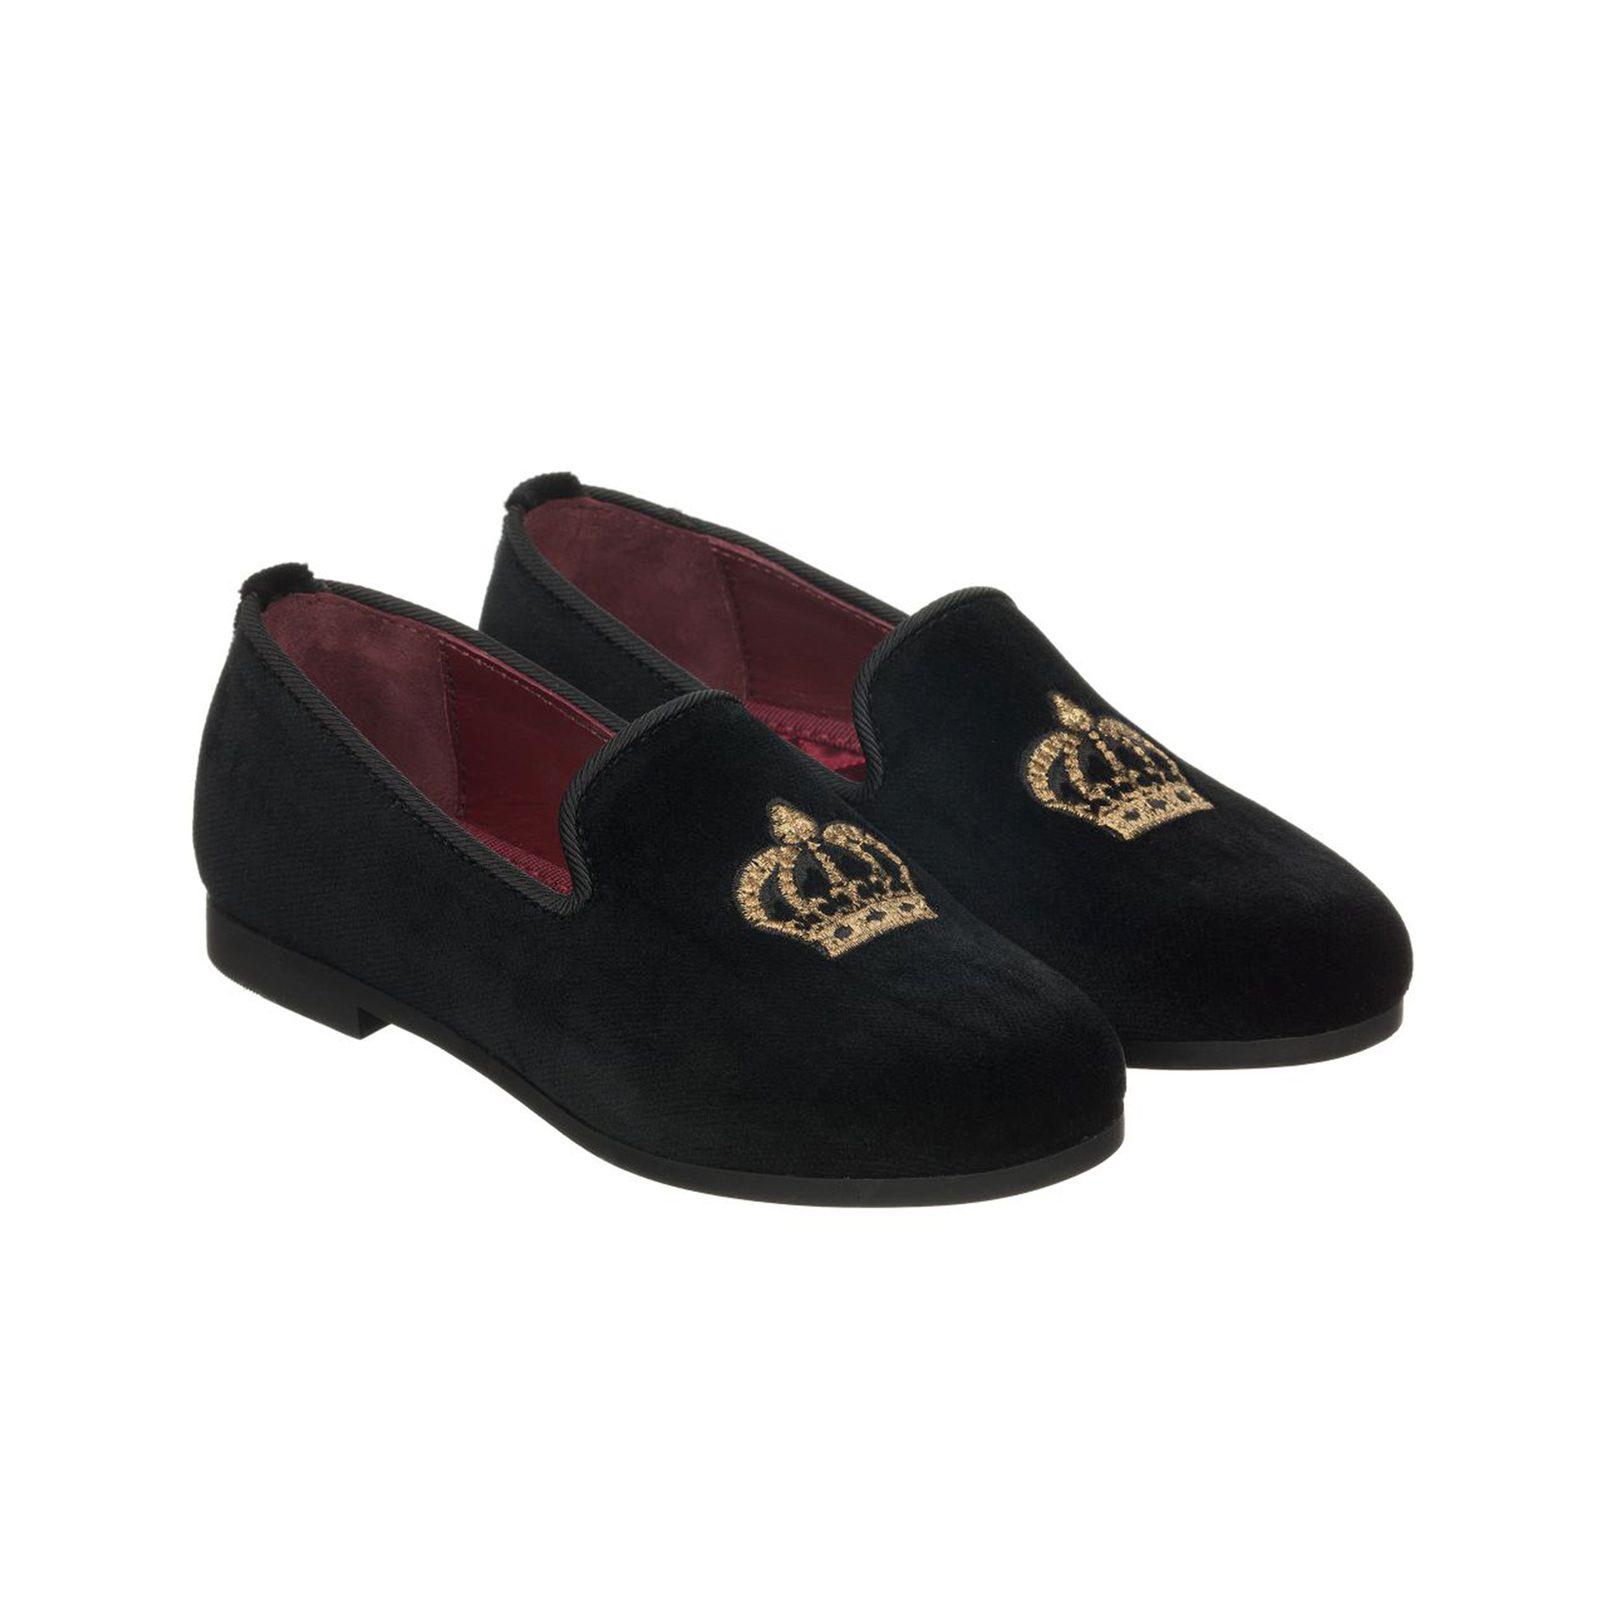 ring bearer shoes black velvet embroidered slippers